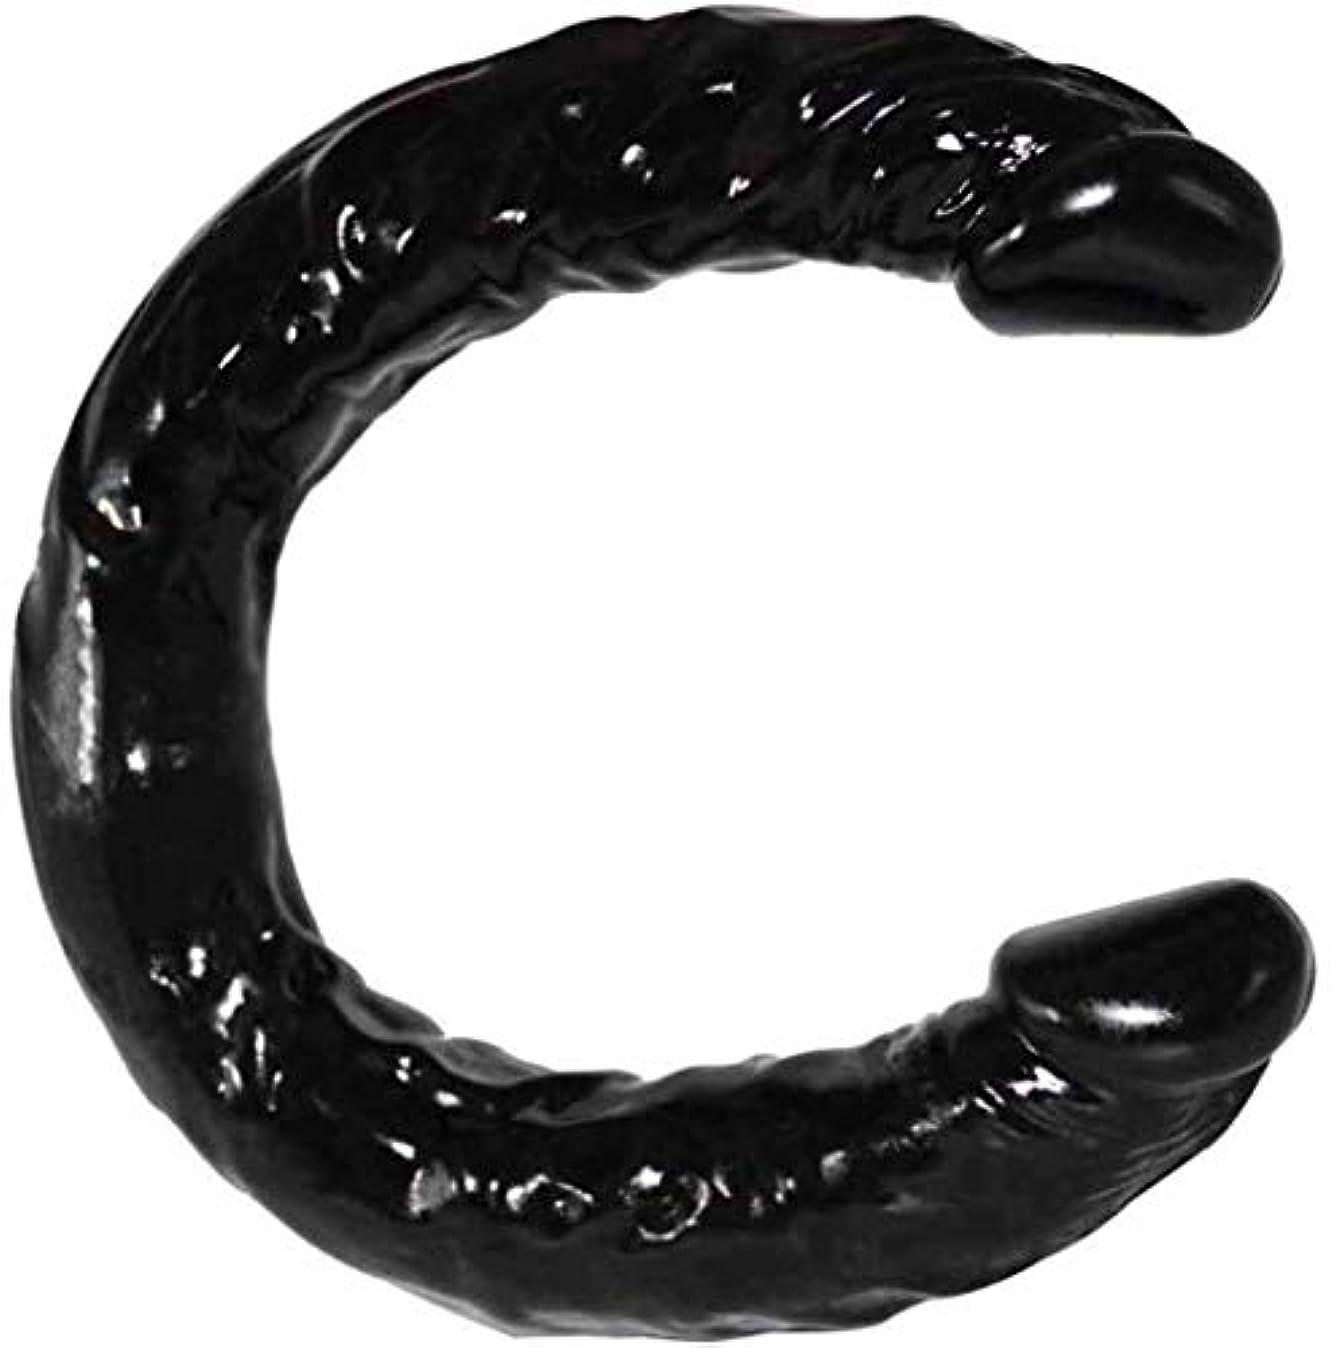 快適気づかないわがままハンドヘルドポータブル模擬玩具柔軟な振動が大型玩具ブラックカラーPVC素材をスラスト